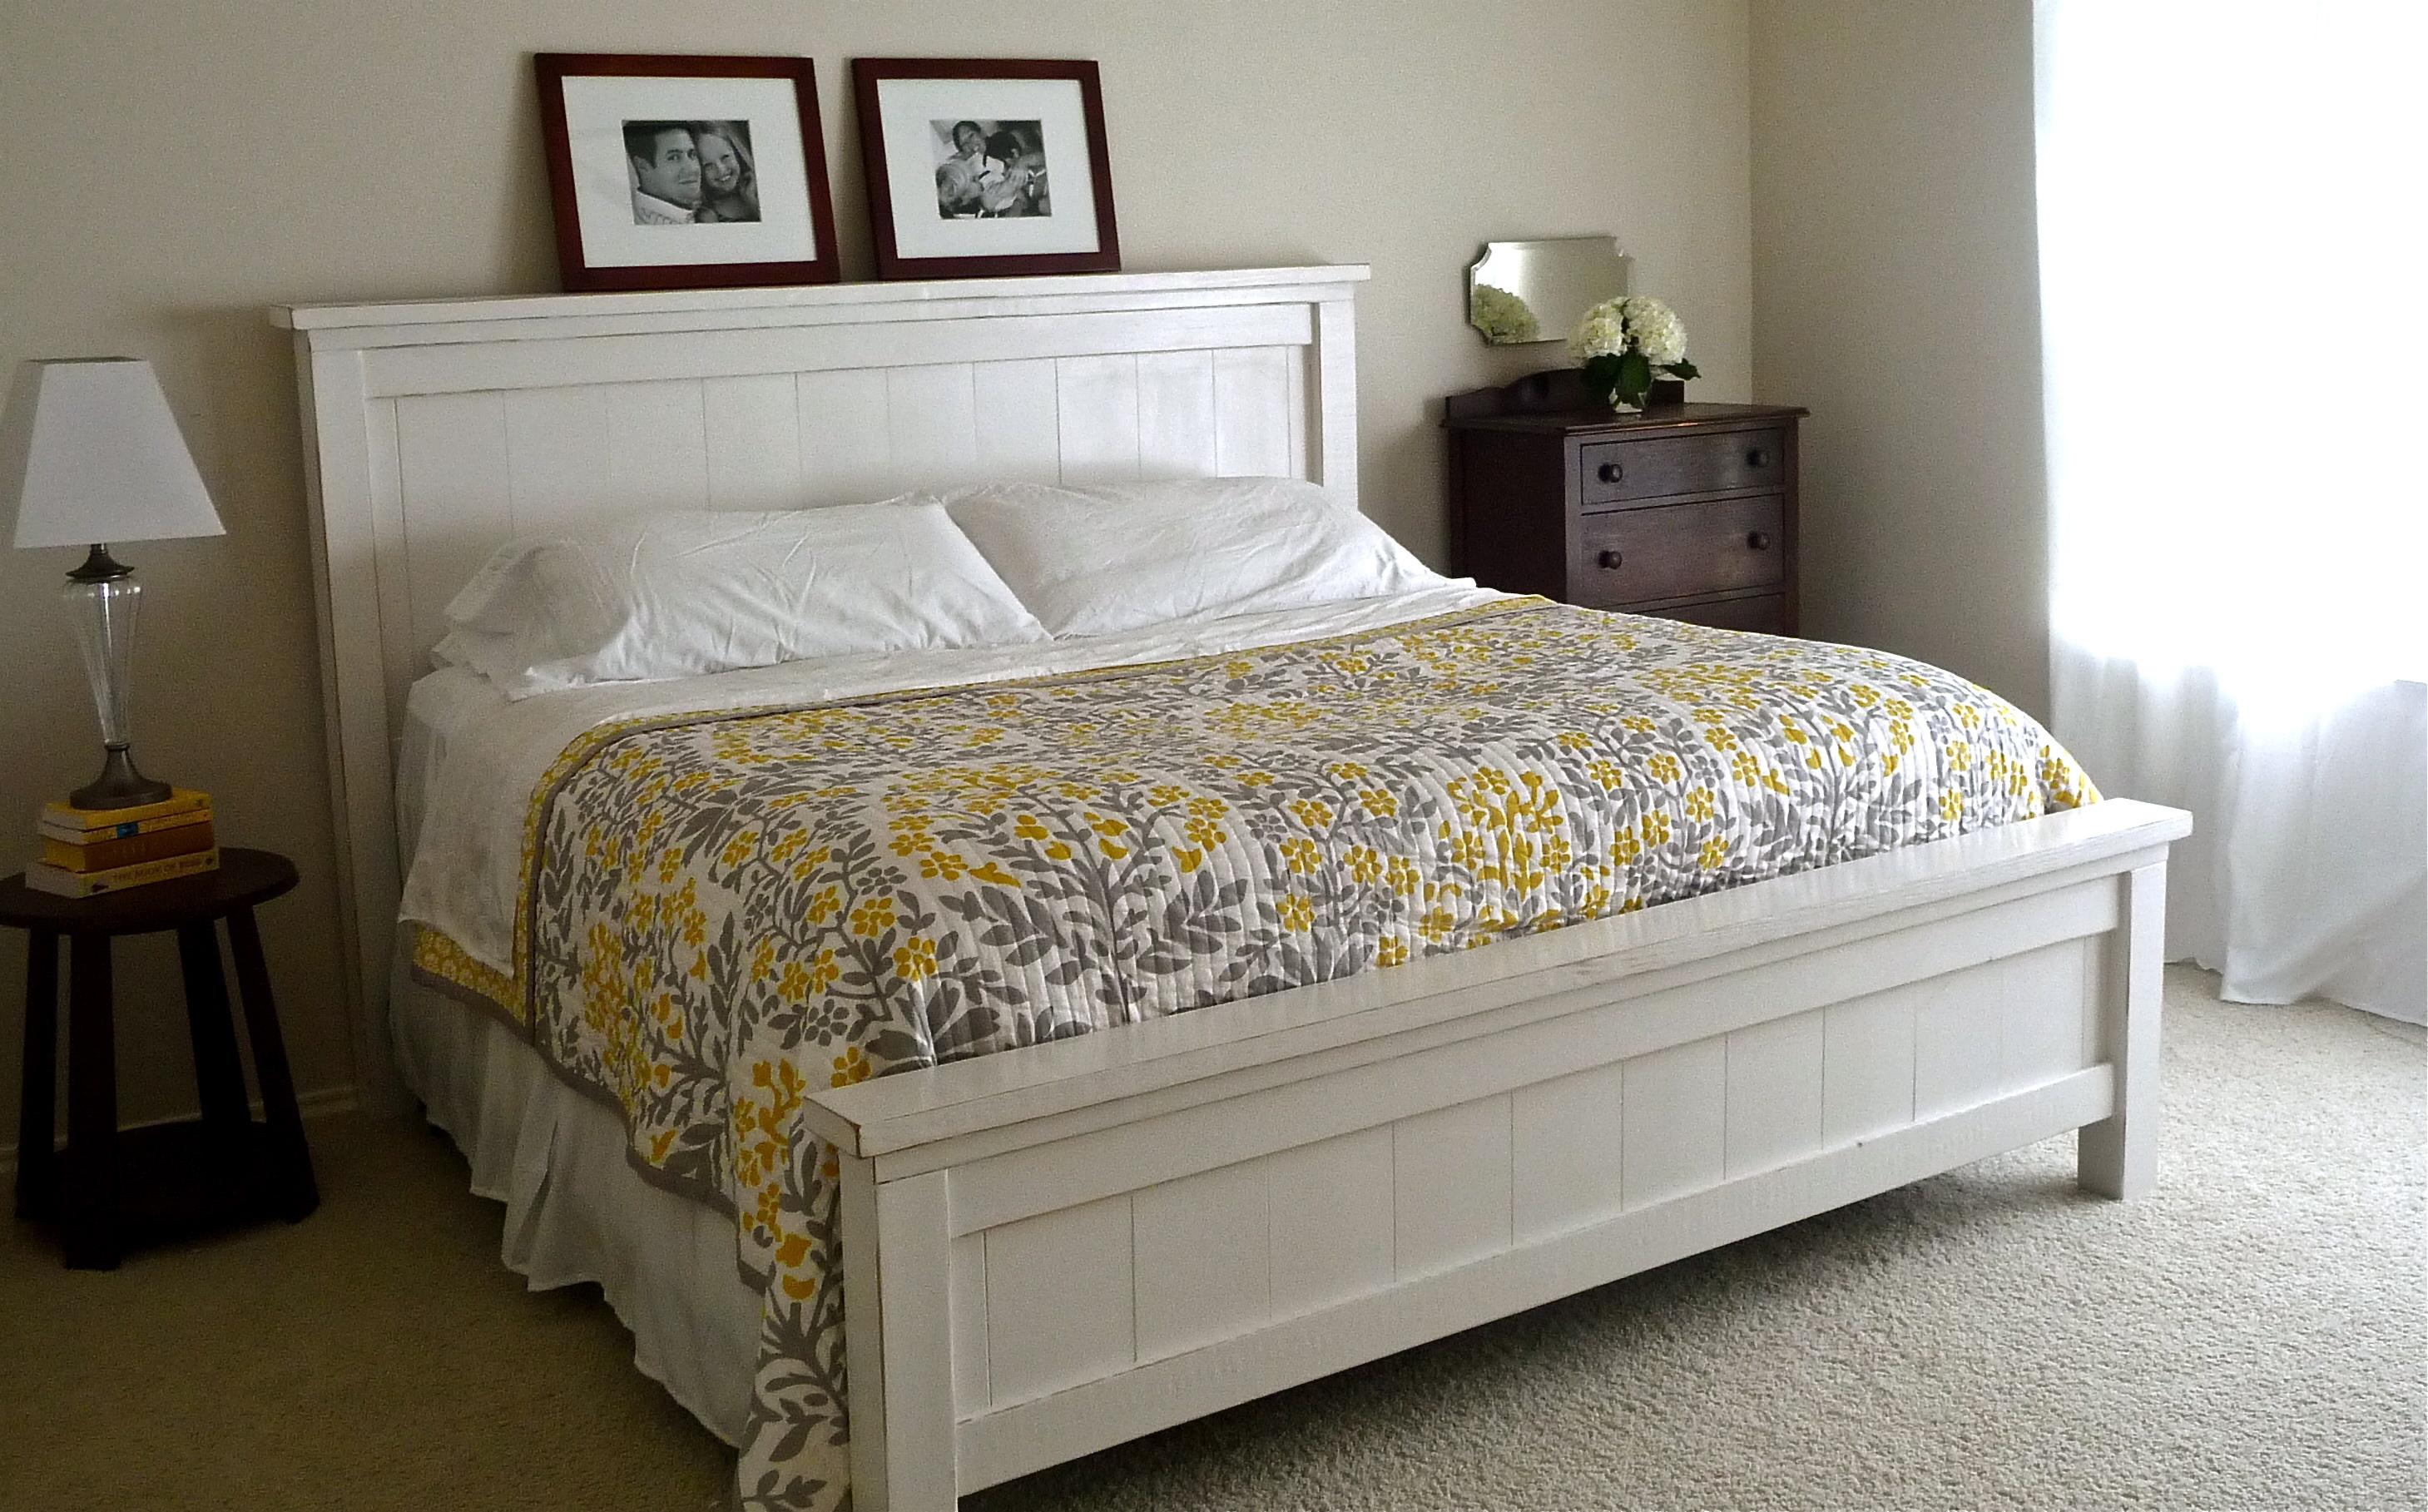 Farmhouse Bed Plans Ana White